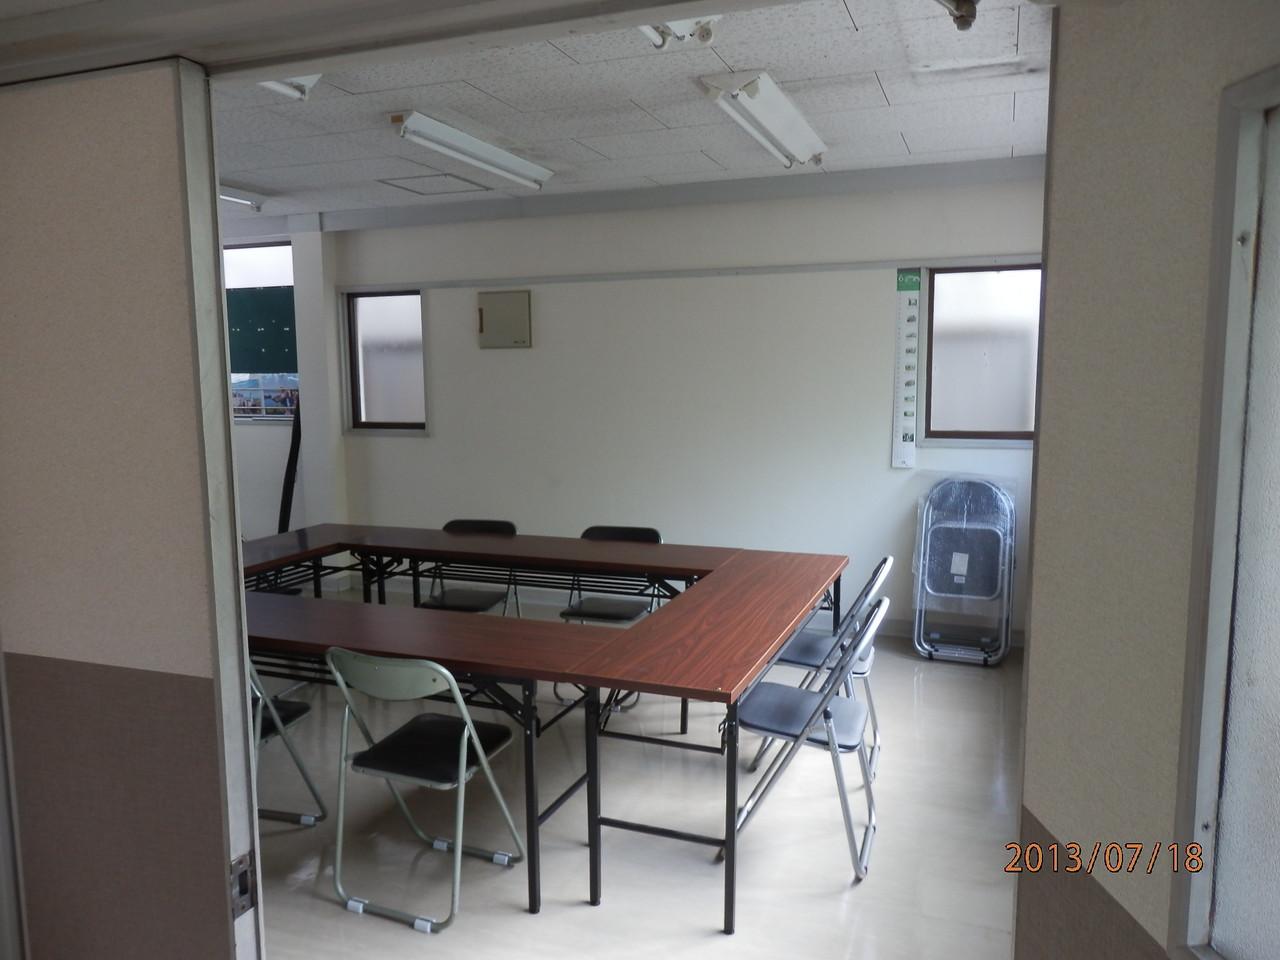 KECビル2階、201号室(10坪)内部(会議室として使用)